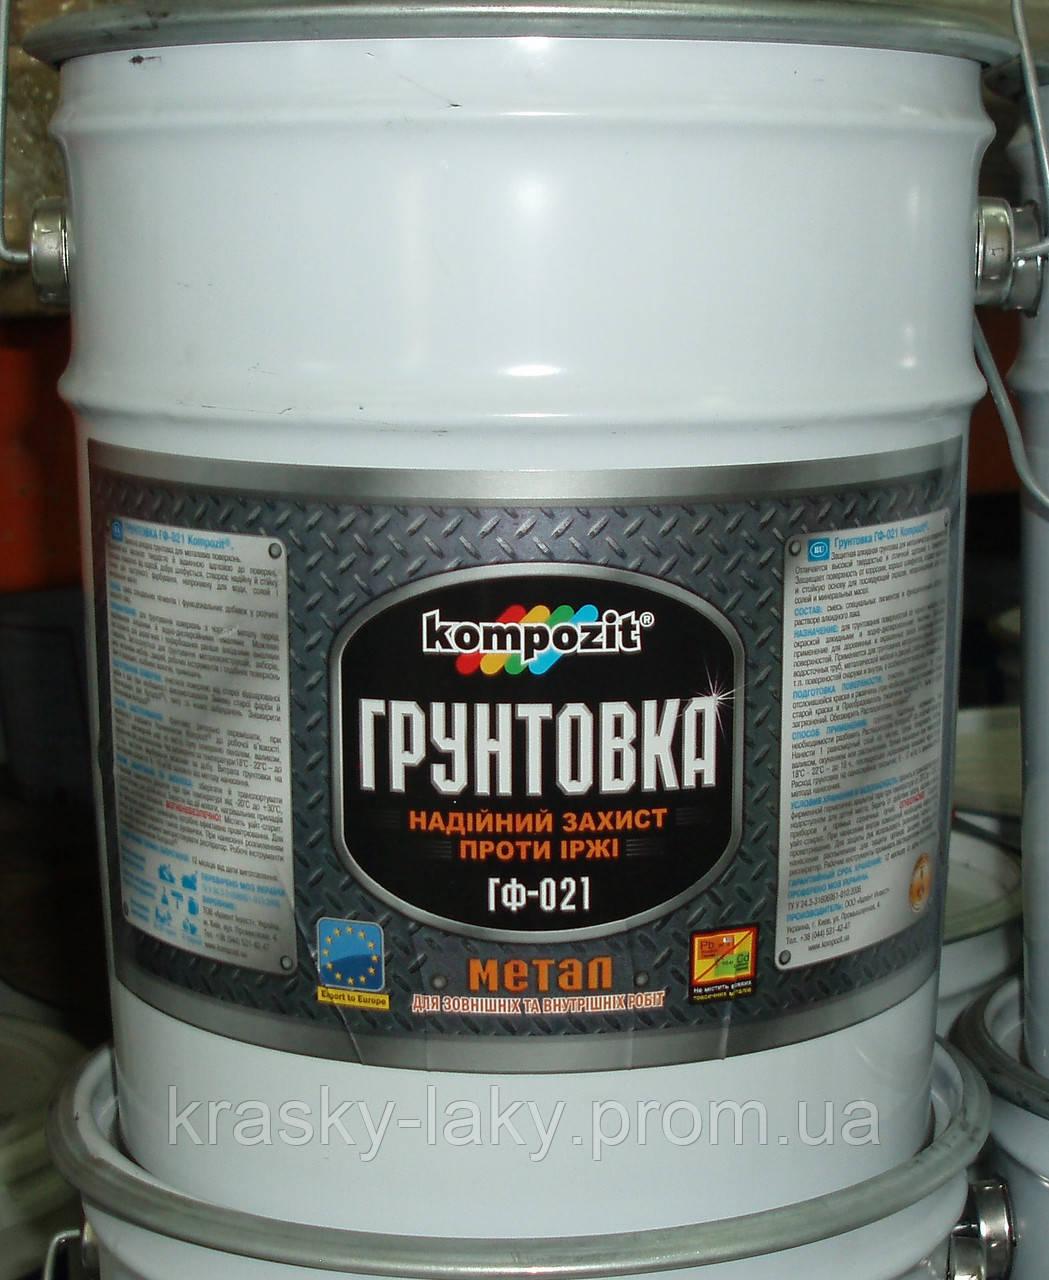 Грунтовка ГФ-021 Kompozit® красно-коричневая, черная, 12кг